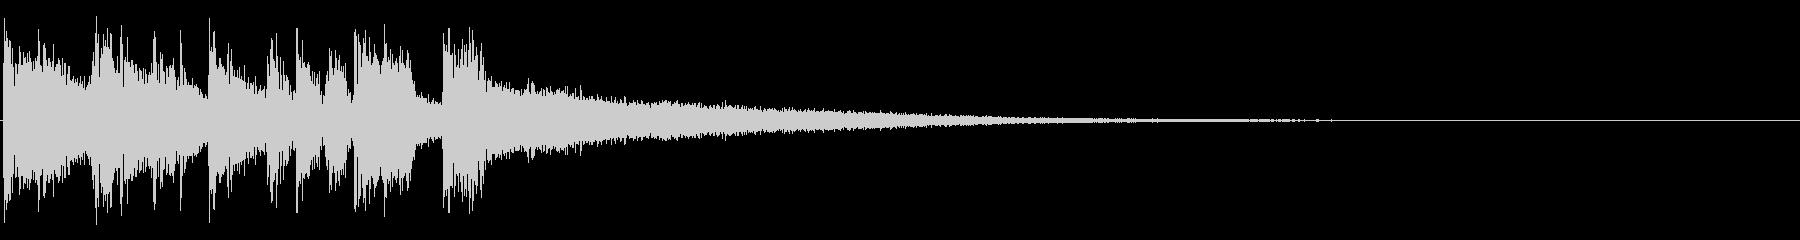 アイキャッチ・オルガン・場面転換の未再生の波形